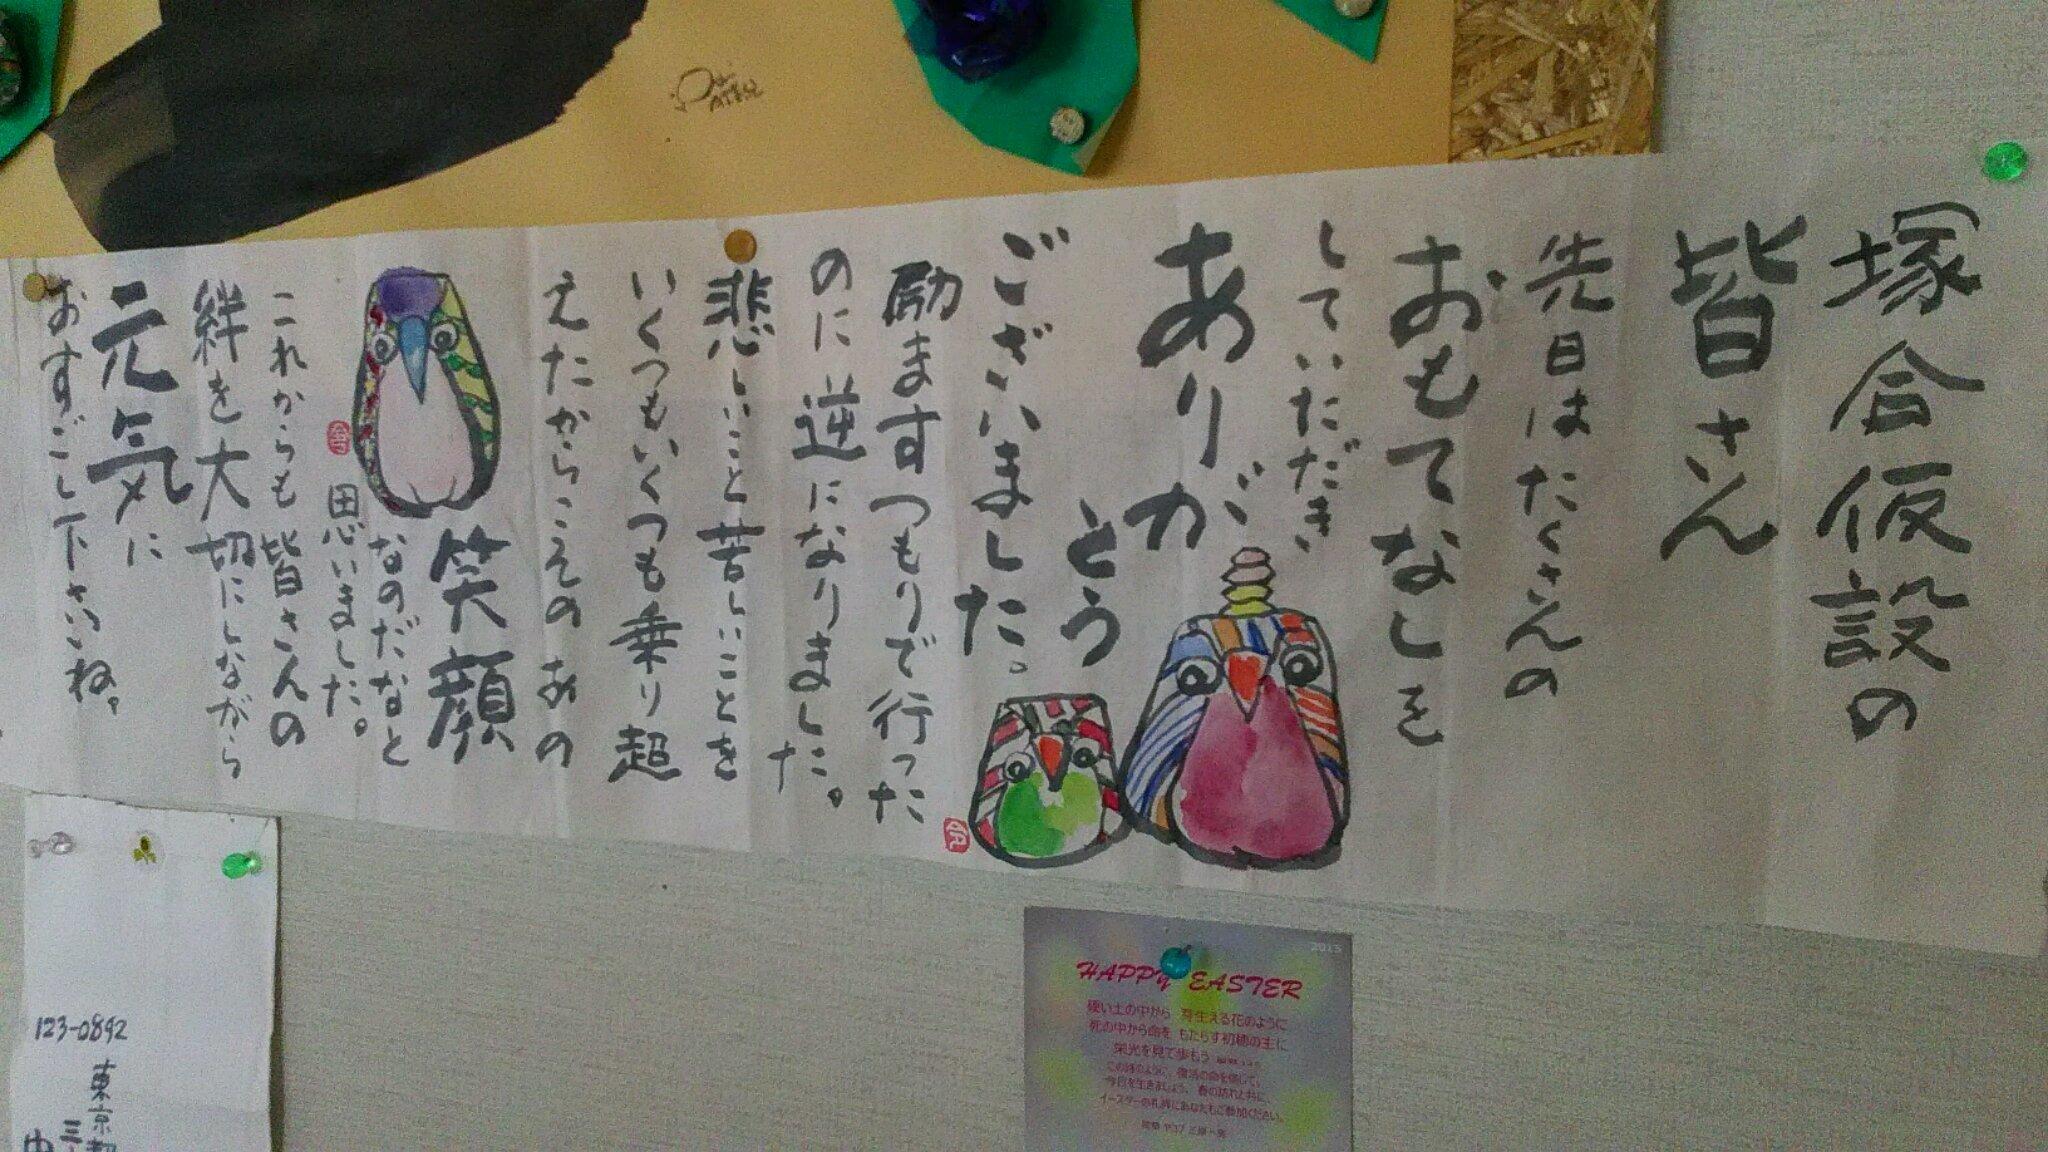 所沢チャリティプロジェクト「ツナゲル」の義援金を南相馬に届けに行った話。_b0064080_23490584.jpg